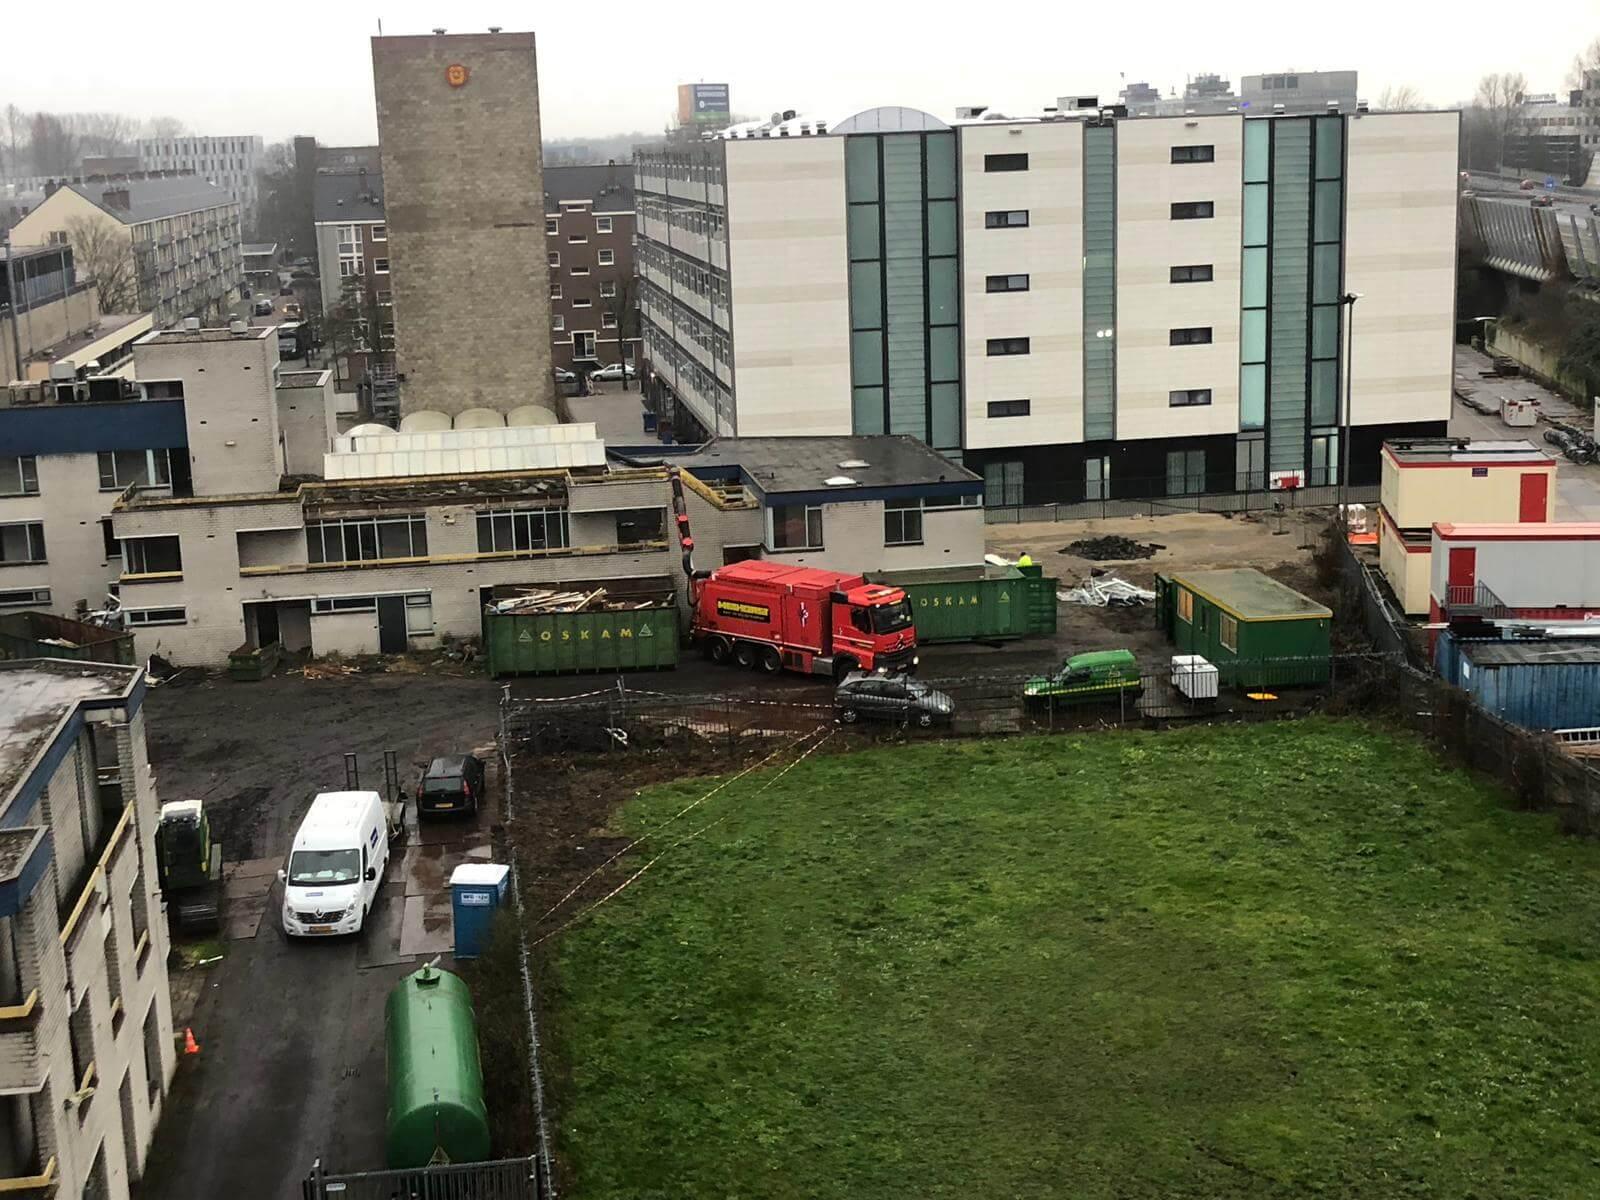 GRondzuigwagen Voor Dakgrind Te Verwijderen